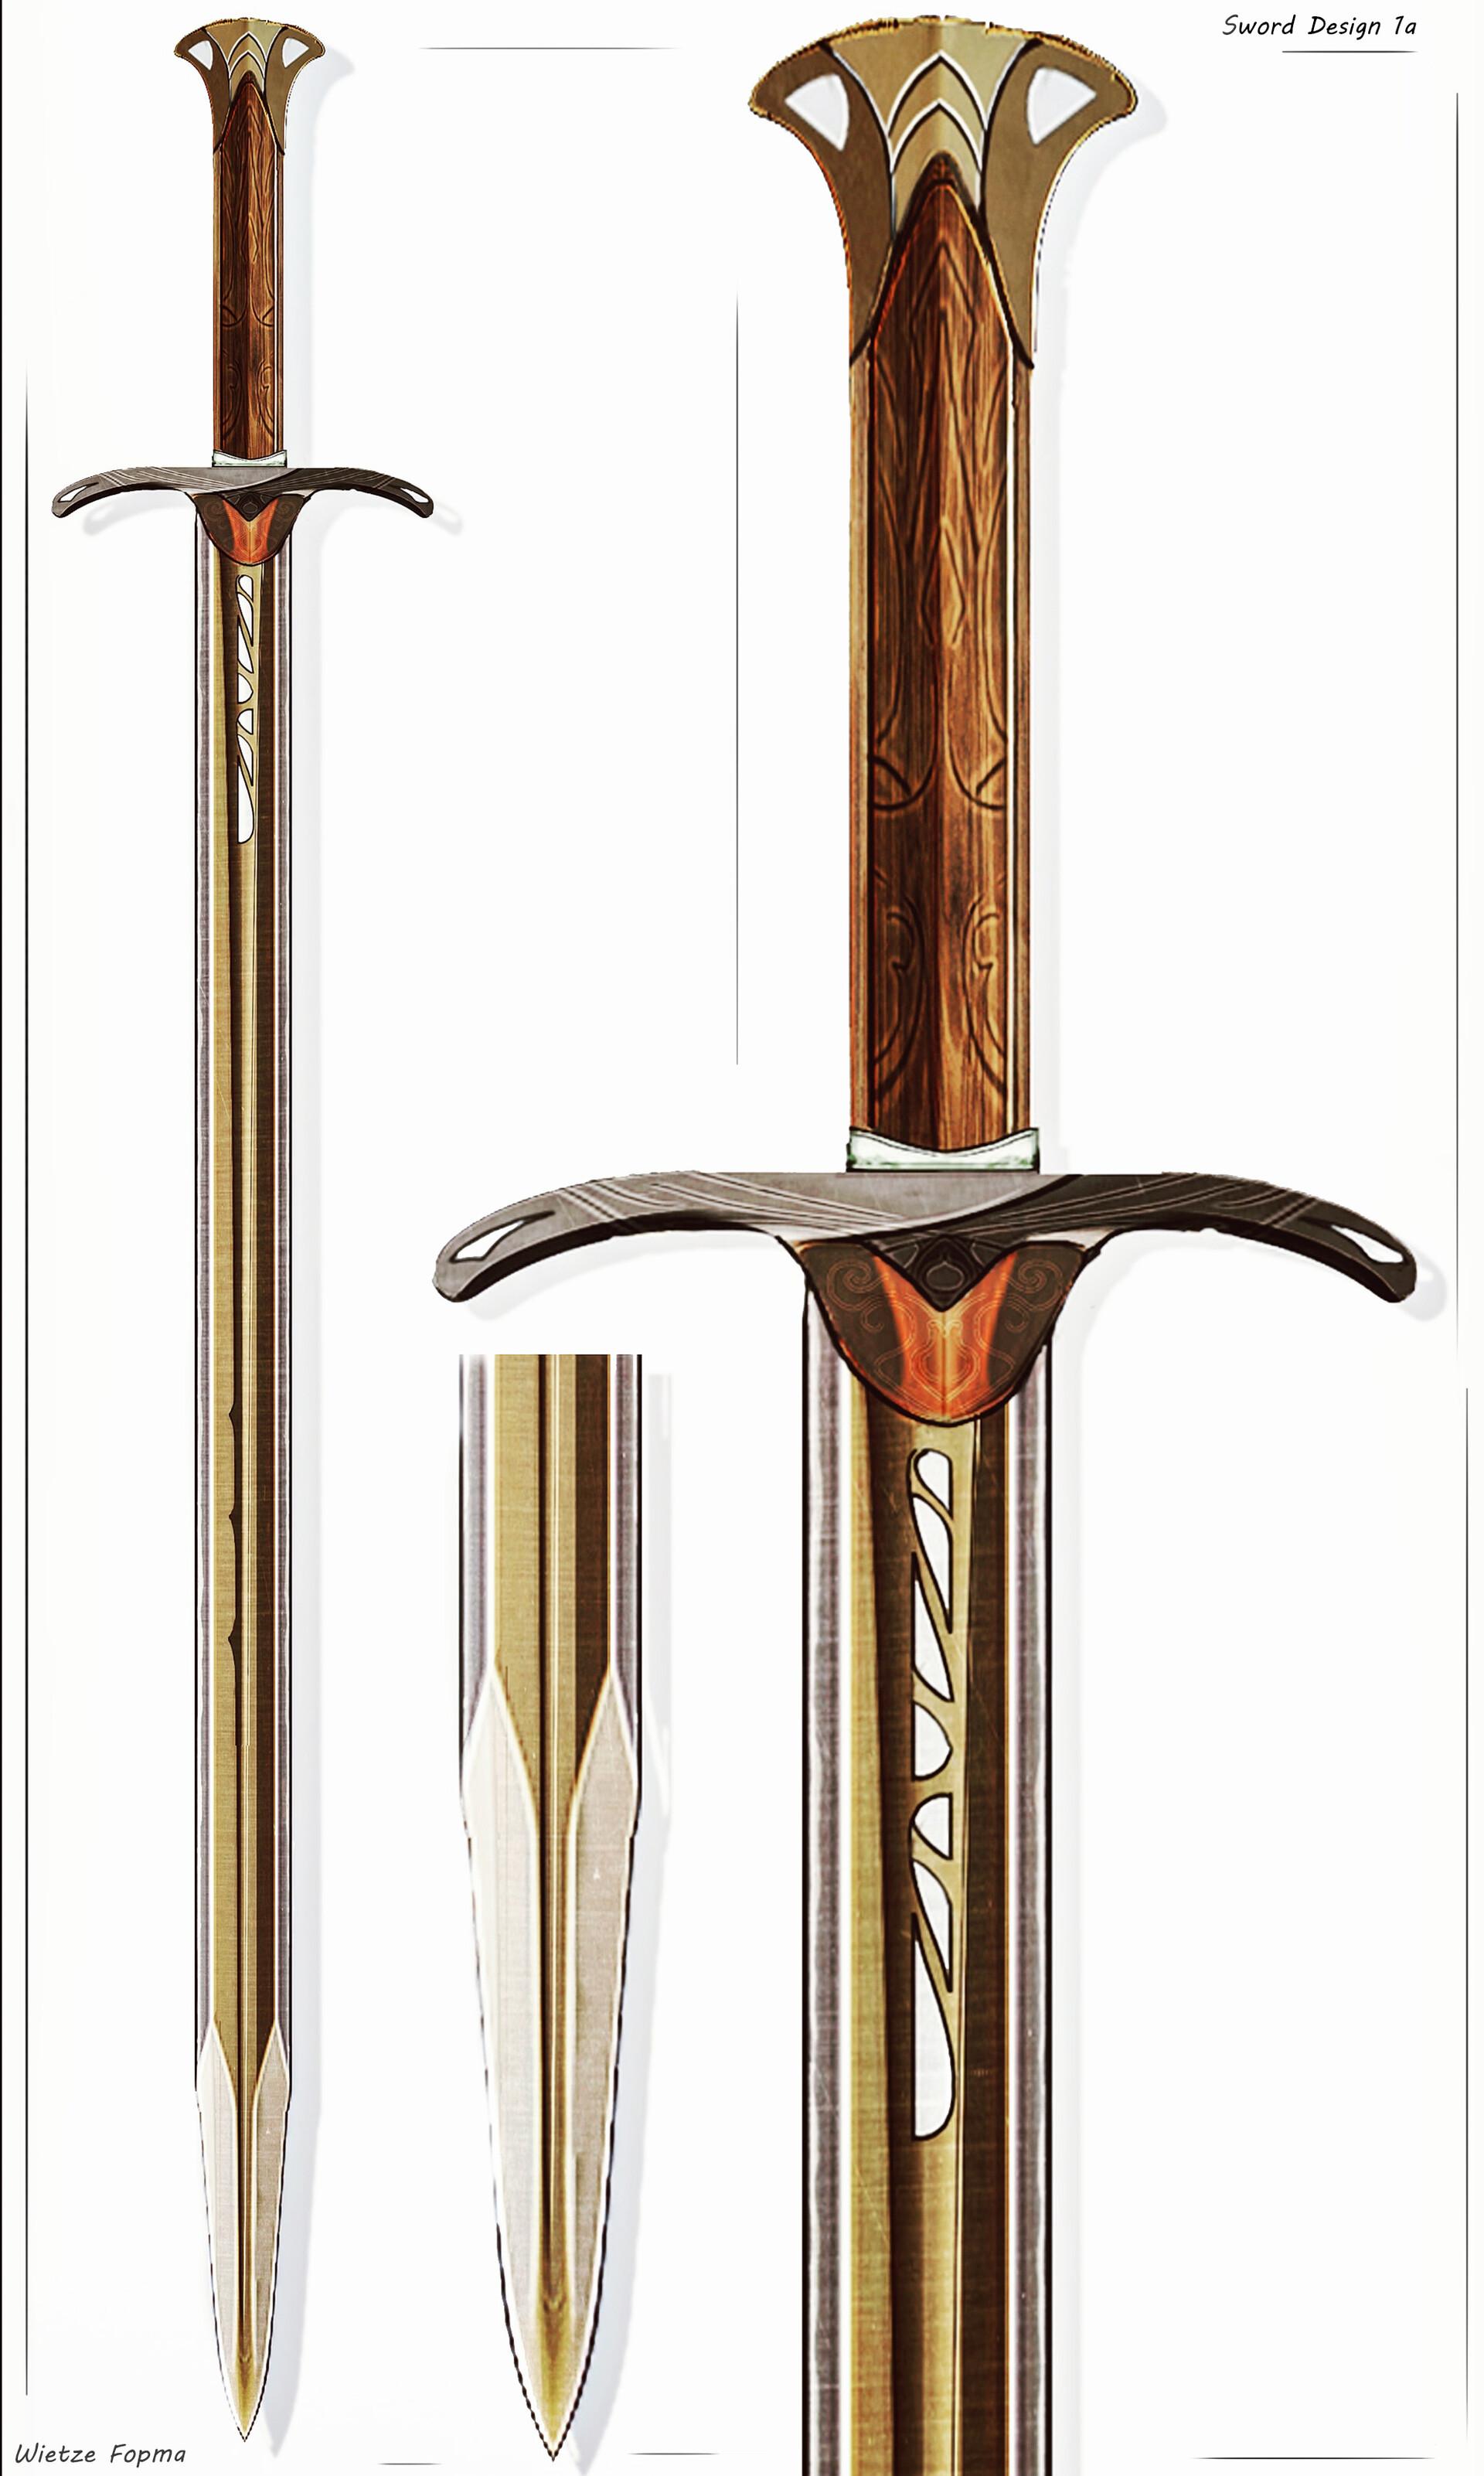 Wietze fopma sword1a